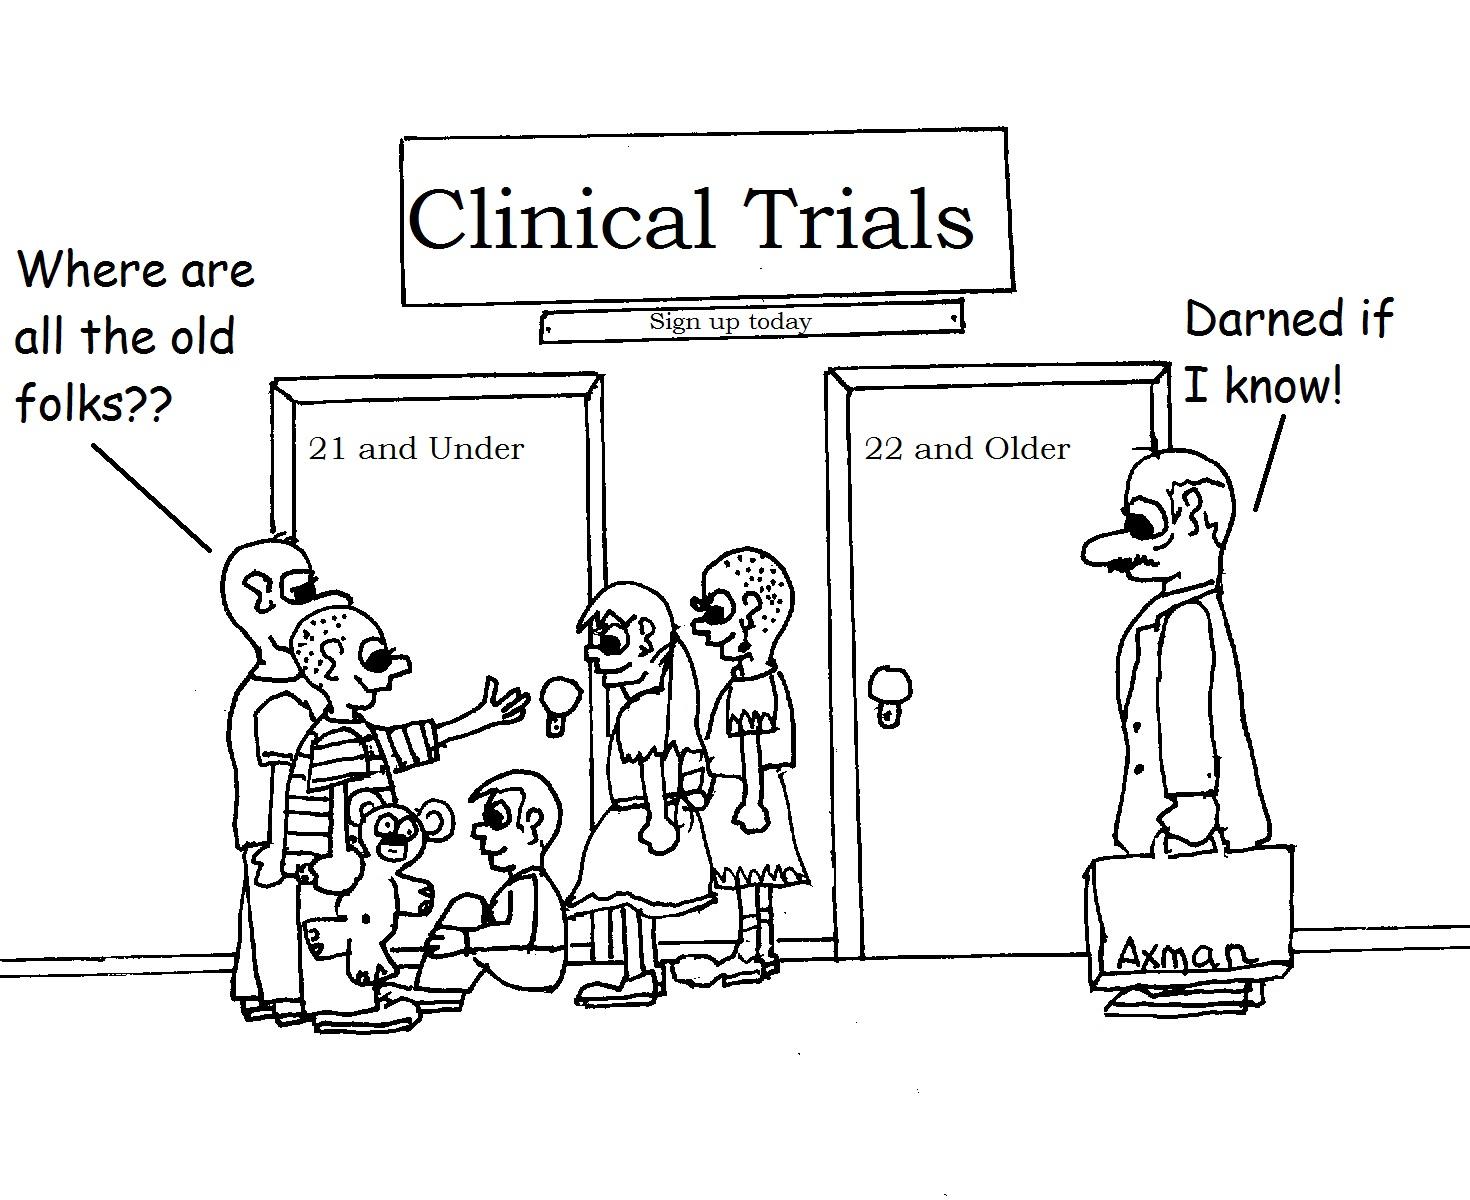 Clinical Trials Clipart